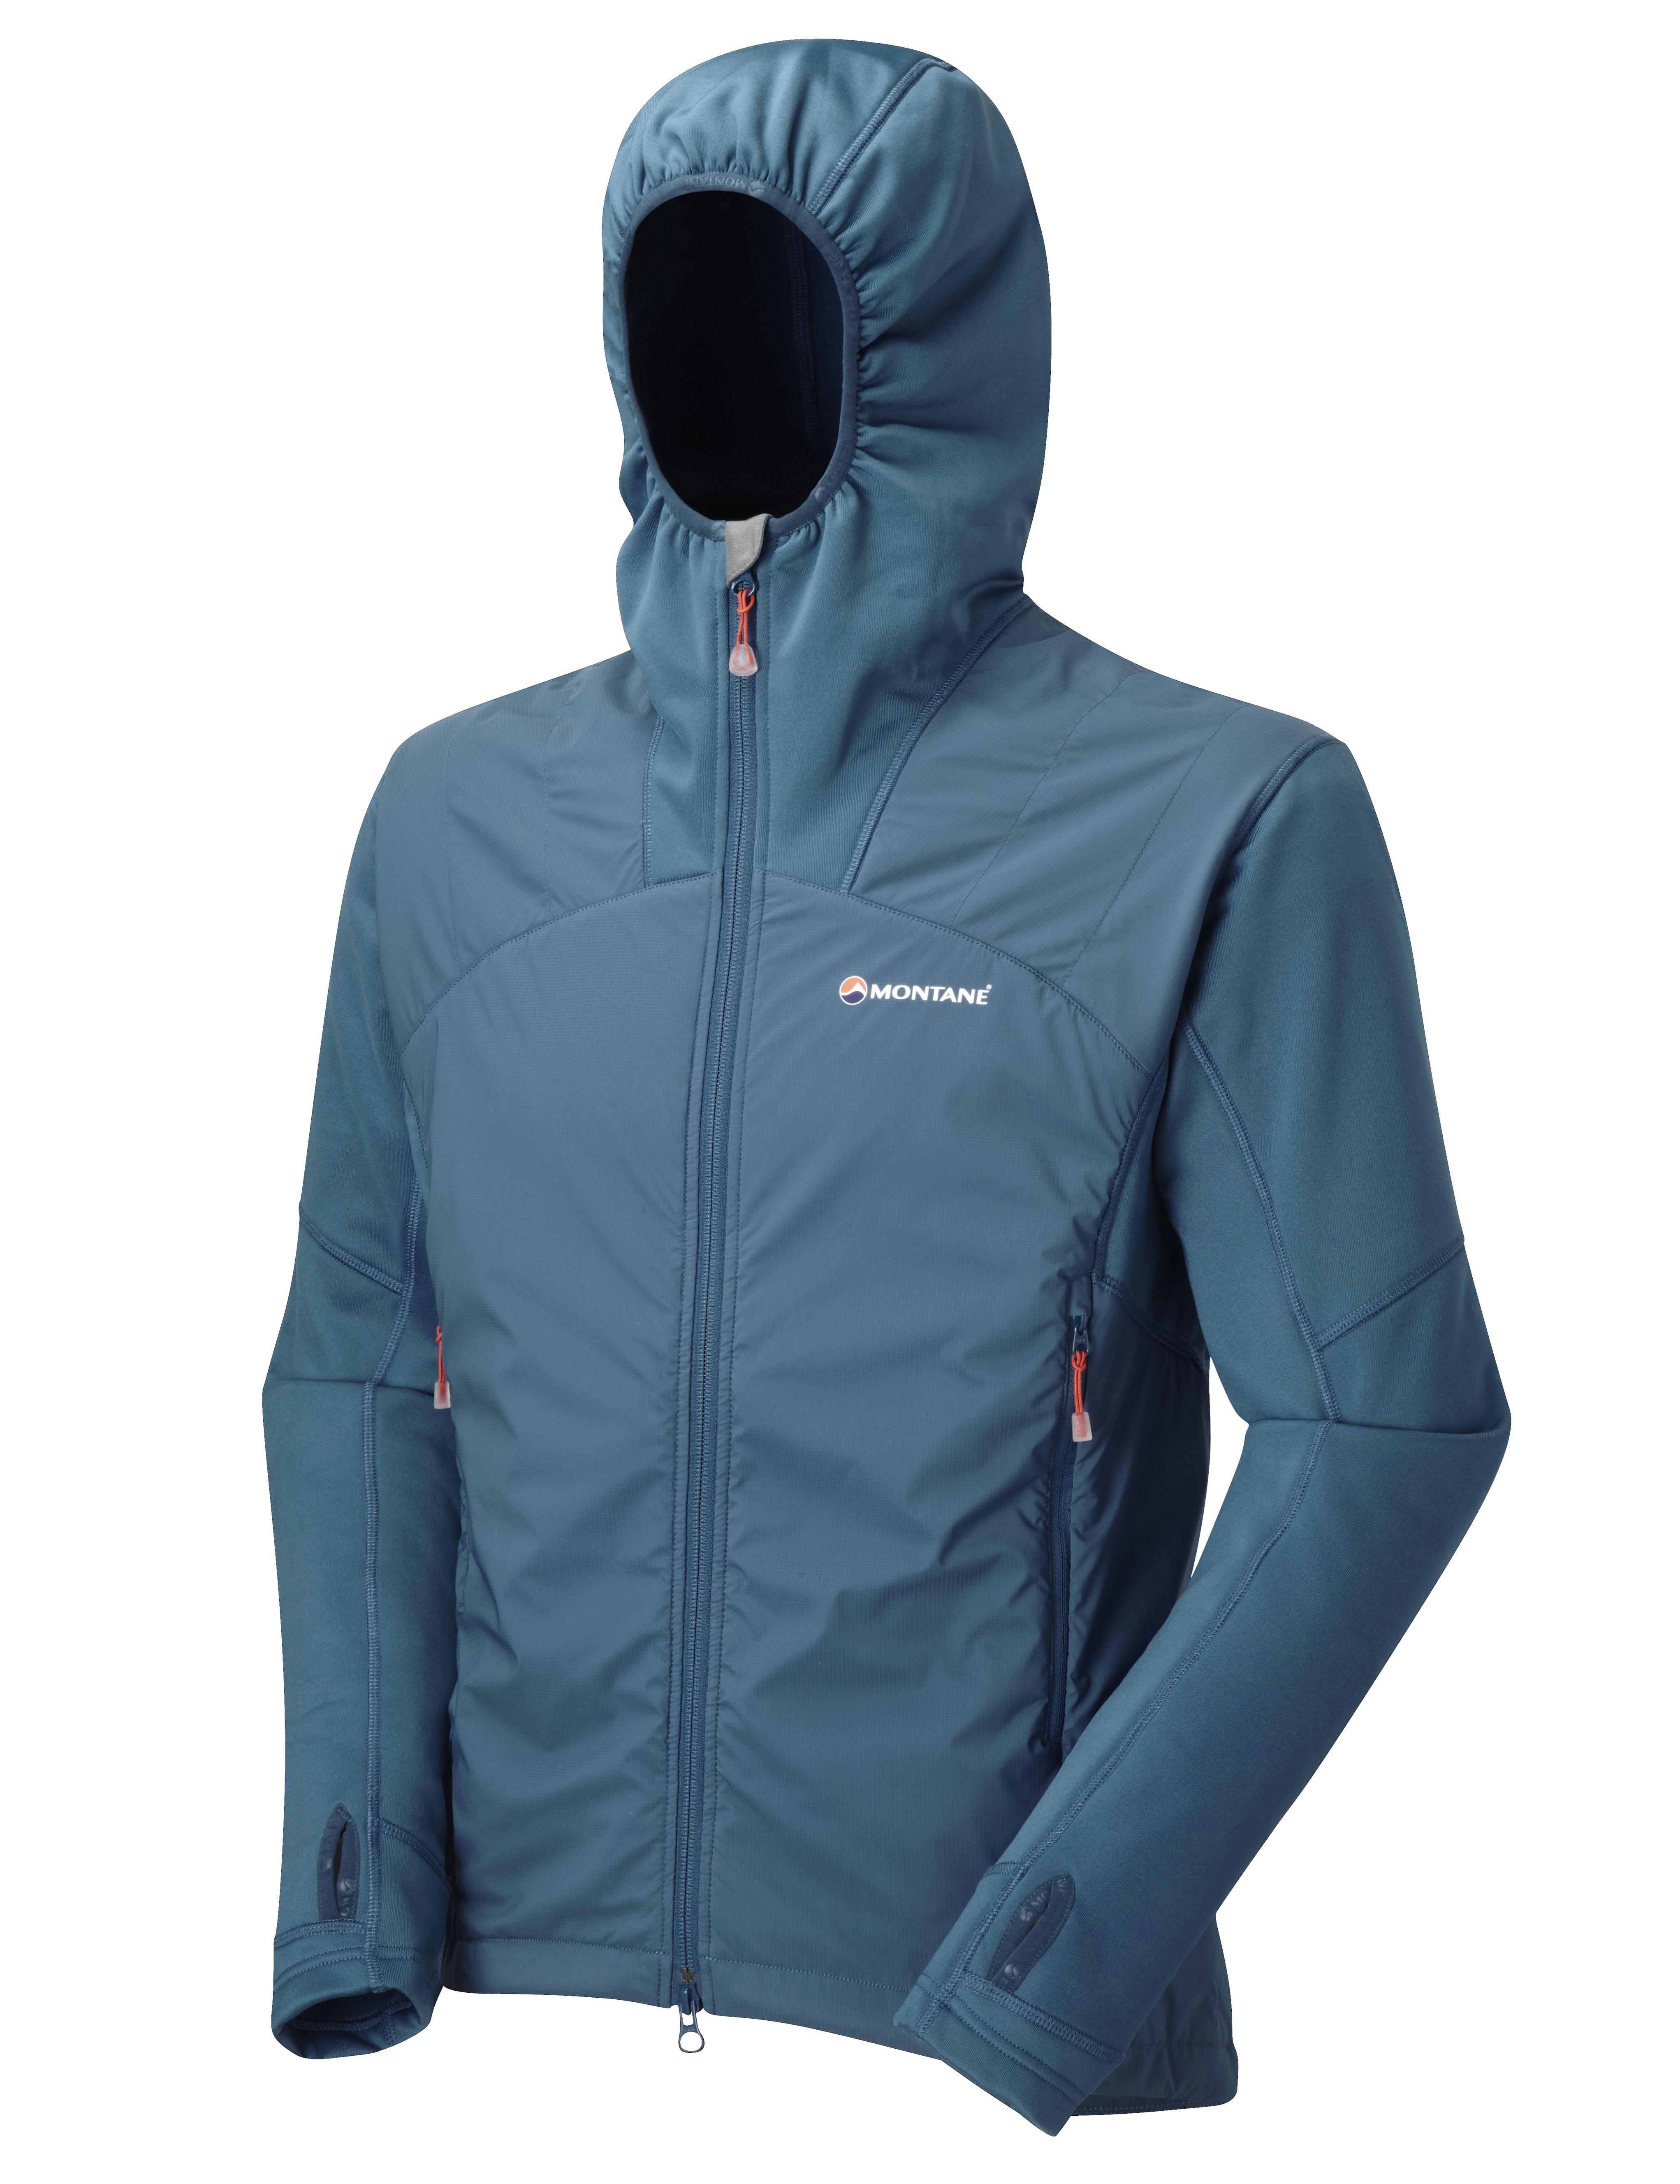 Für Wanderer, Kletterer und Skitourengeher ist die Outdoor Jacke Alpha Guide Jacket von Montane eine gute Wahl. Foto: (c) Montane